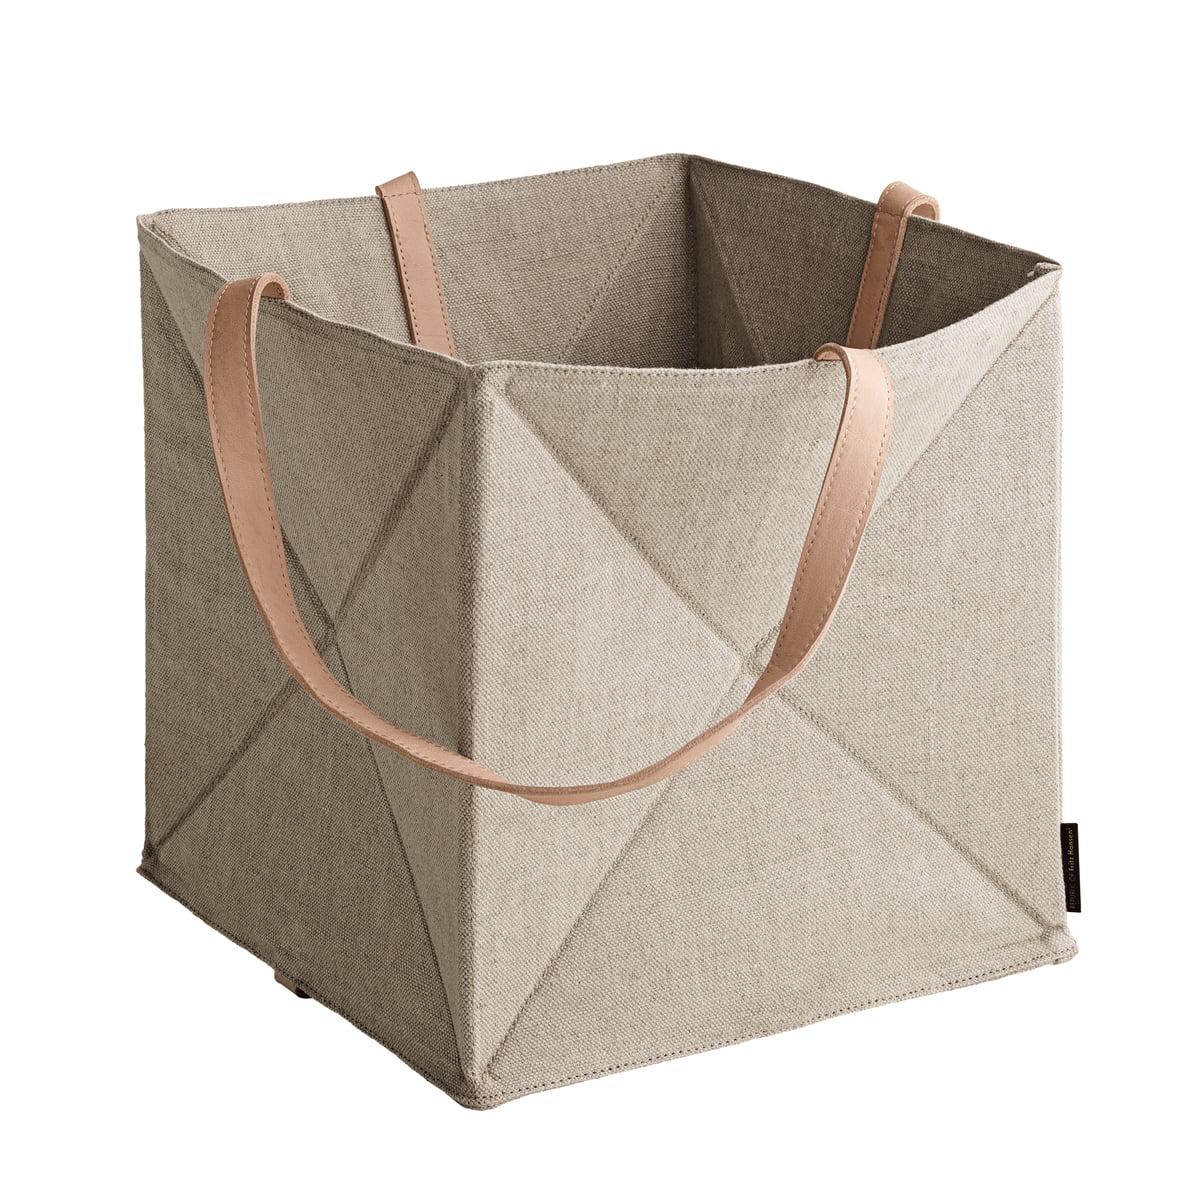 Fritz hansen origami aufbewahrungskorb h 29 cm leinen leder natur frei